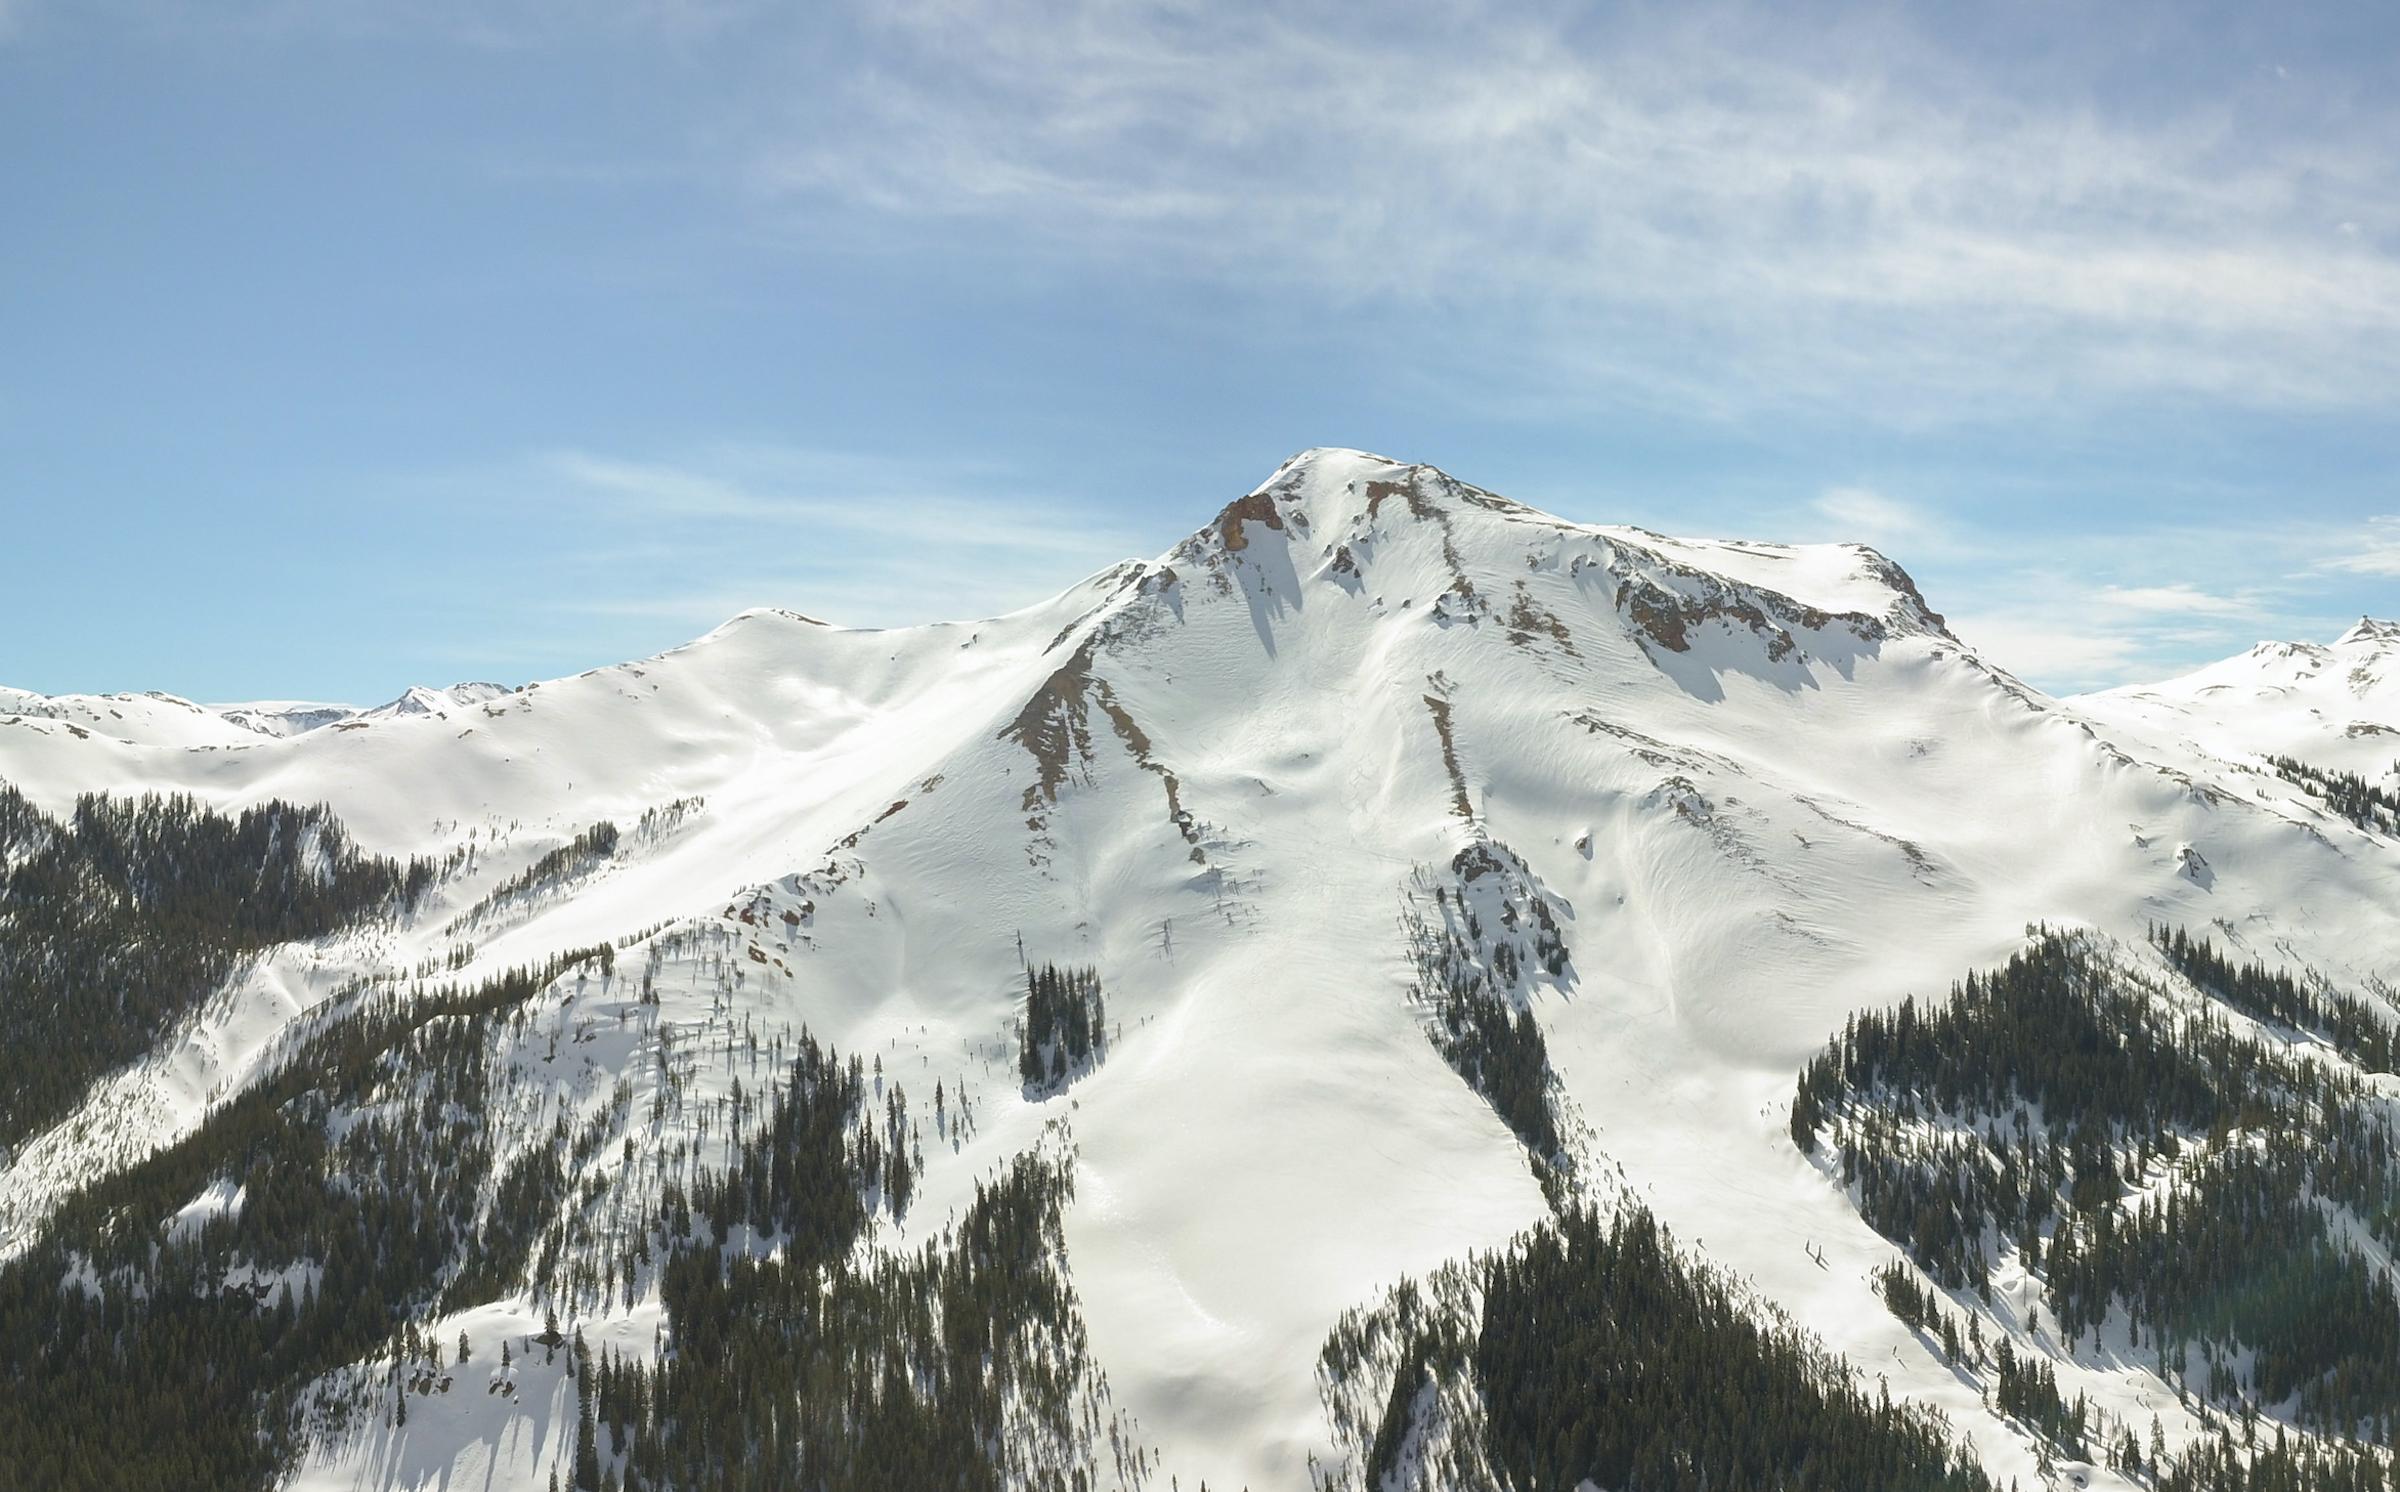 backcountry mountains near Silverton, CO